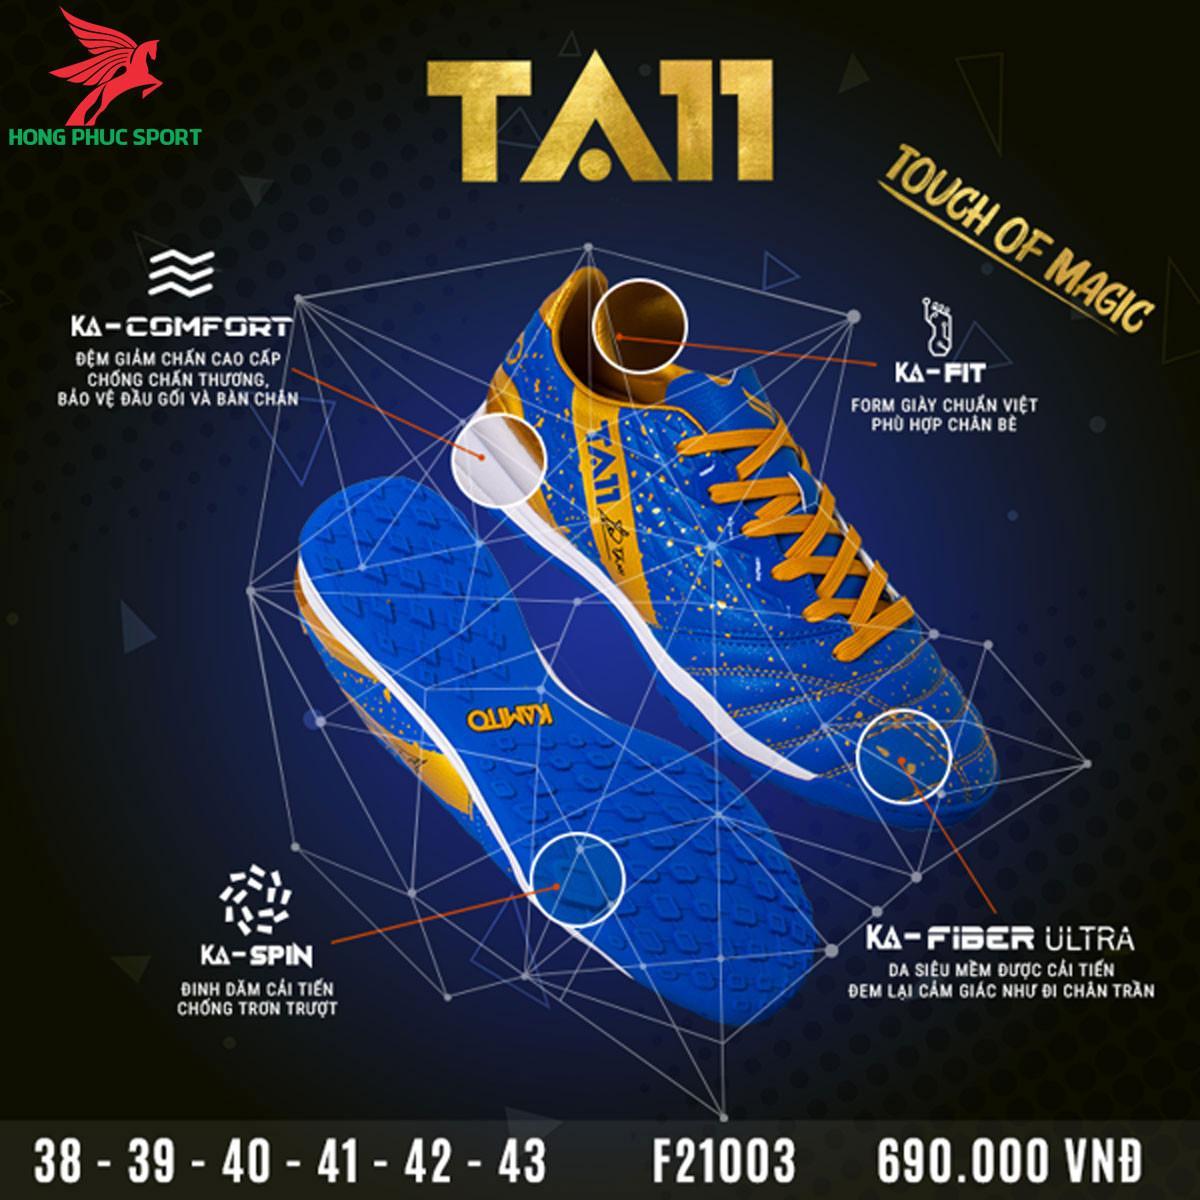 Giày đá banh Kamito TA11 sân cỏ nhân tạo màu xanh dương